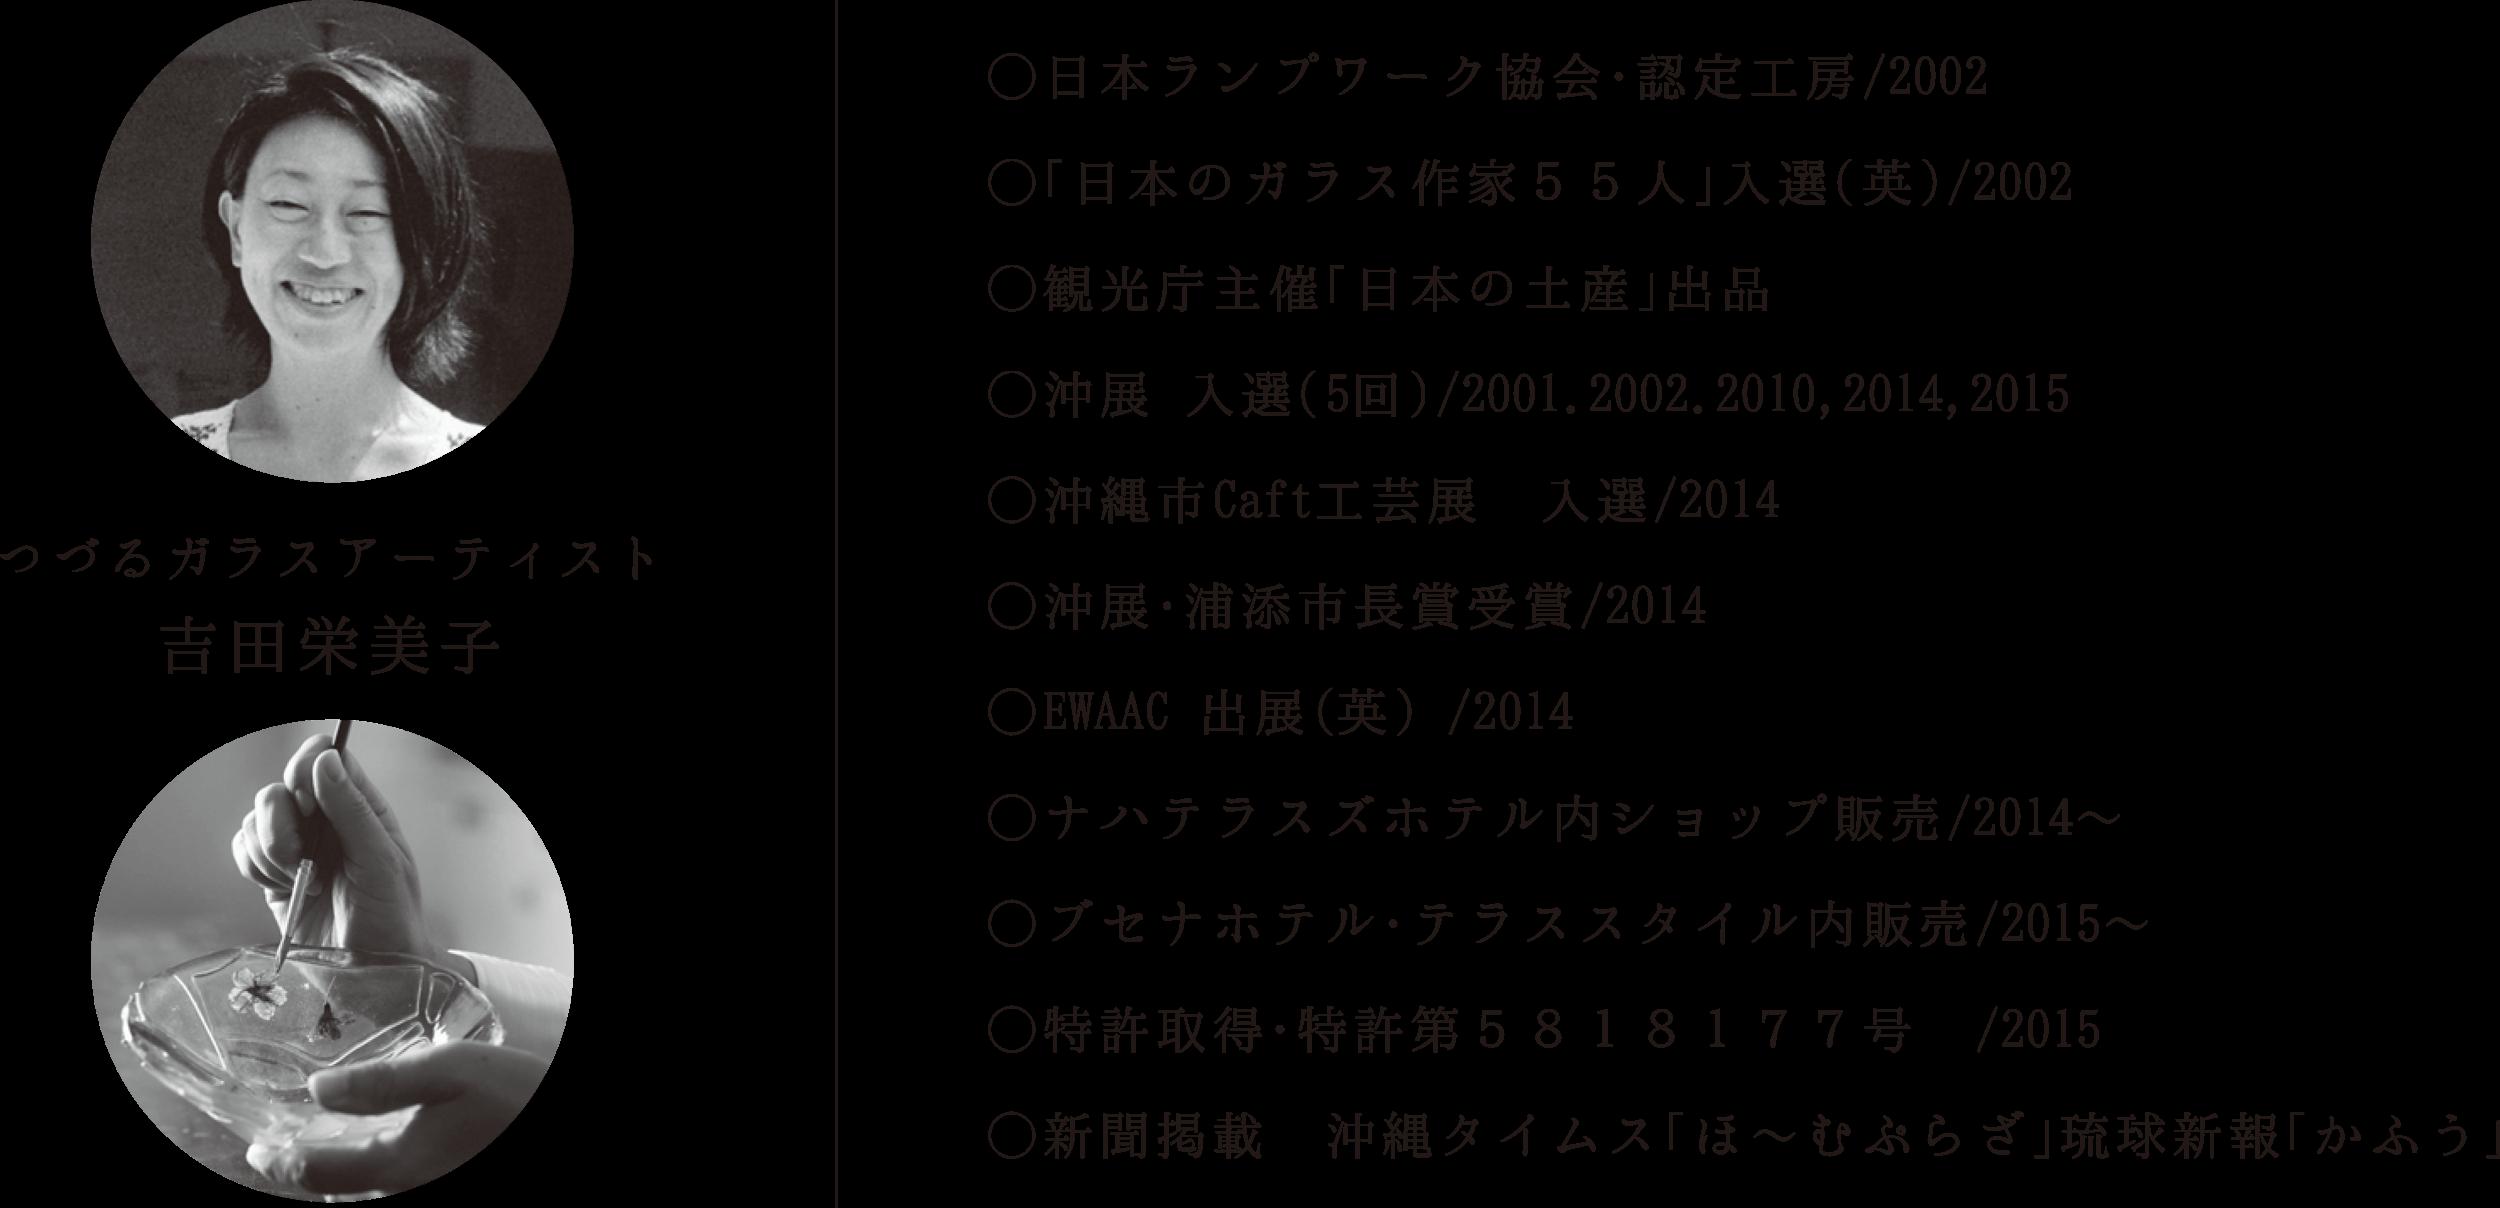 日本ランプワーク協会・認定工房/2002  「日本のガラス作家55人」入選(英)/2002  観光庁主催「日本の土産」出品  沖展 入選(5回)/2001,2002,2010,2014,2015 沖縄市Caft工芸展 入選/2014  沖展・浦添市長賞受賞/2014  EWAAC 出典(英)/2014  ナハテラスズホテル内ショップ販売/2014~  ブセナホテル・テラススタイル内販売/2015~  特許取得・特許第5818177号 /2015  新聞掲載 沖縄タイムス「ほ~むぷらざ」 琉球新報「かふう」